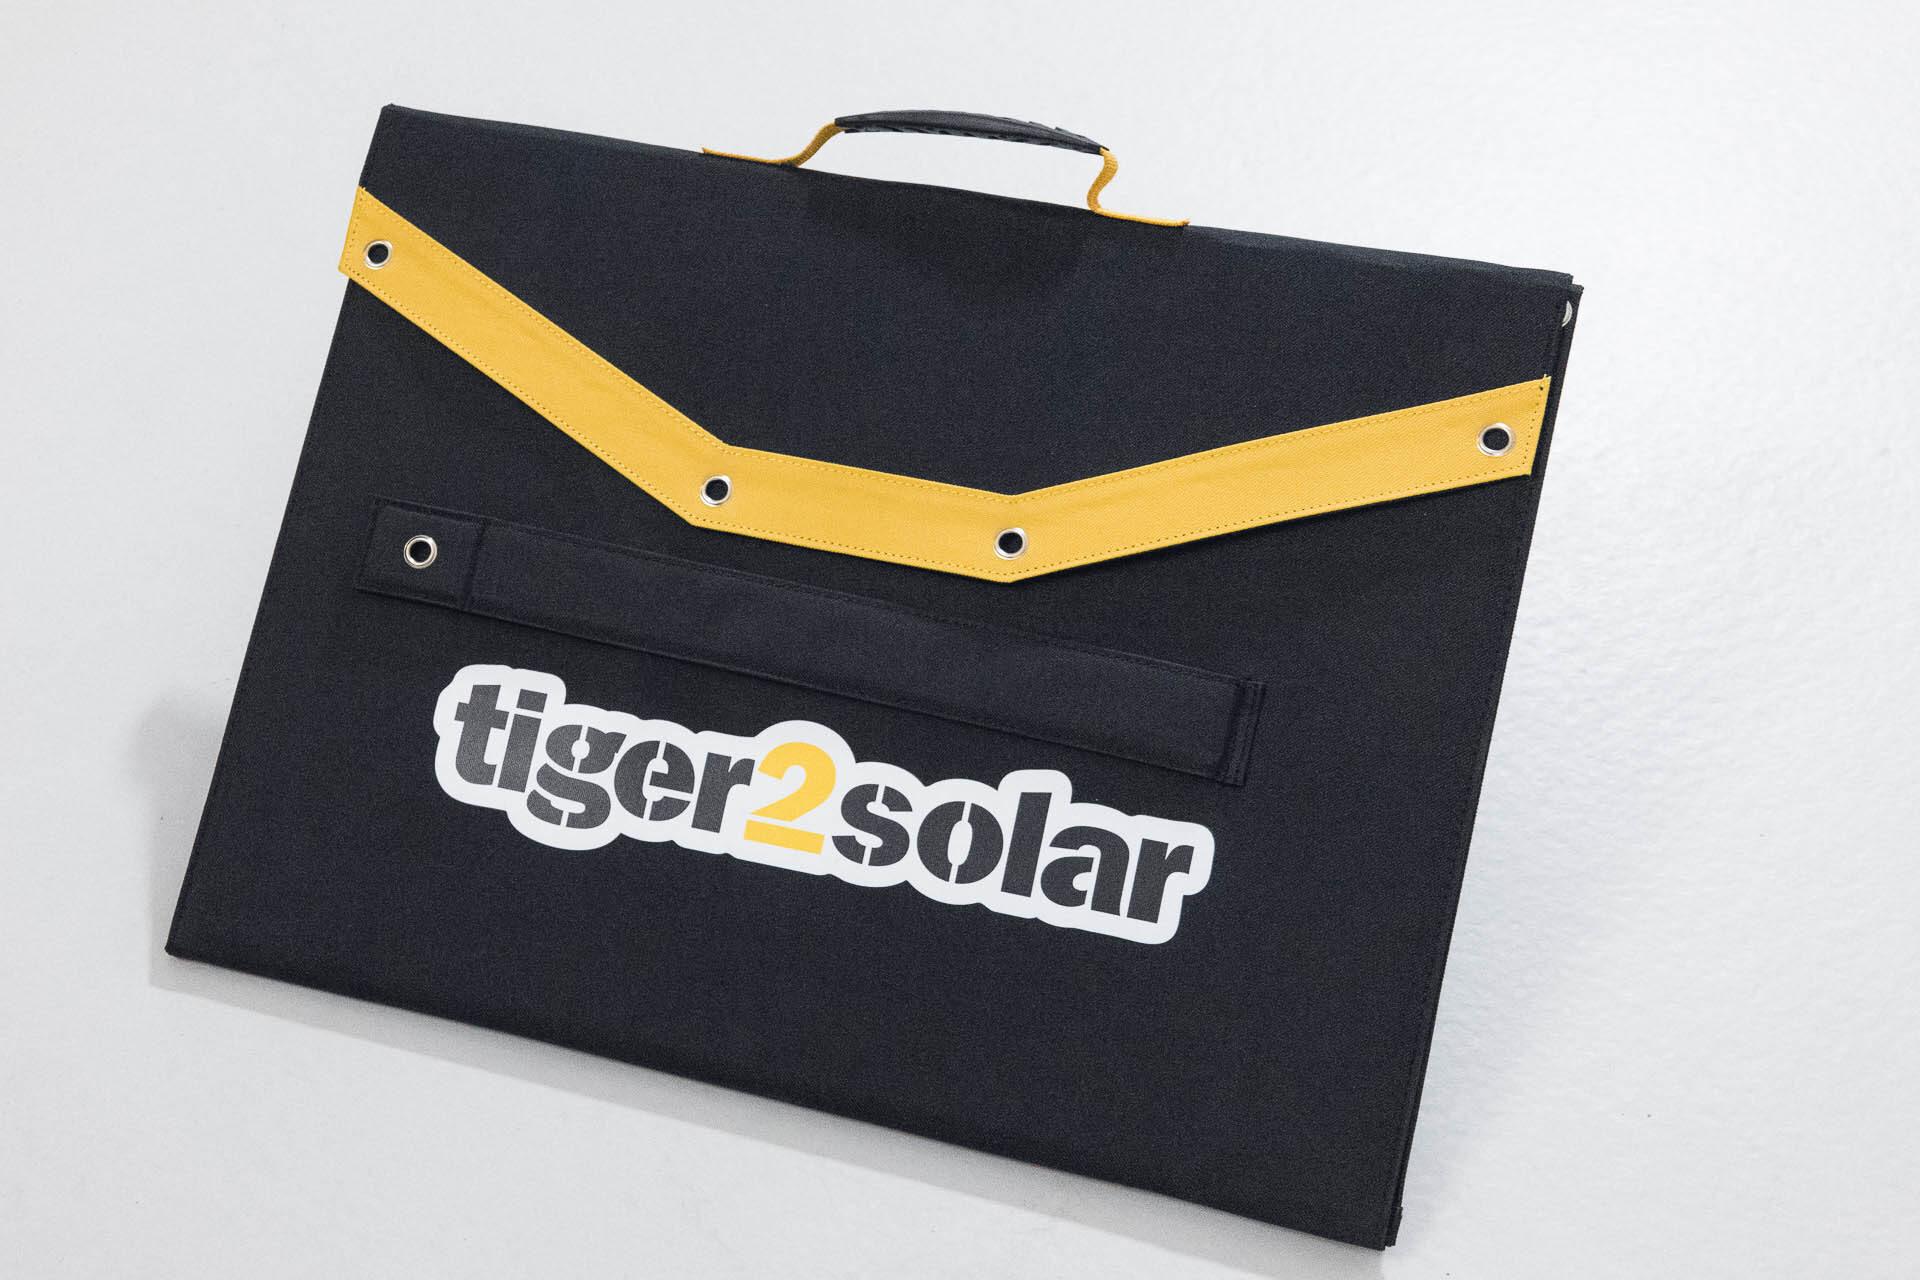 Aussenansicht der Solartasche Tiger2Solar